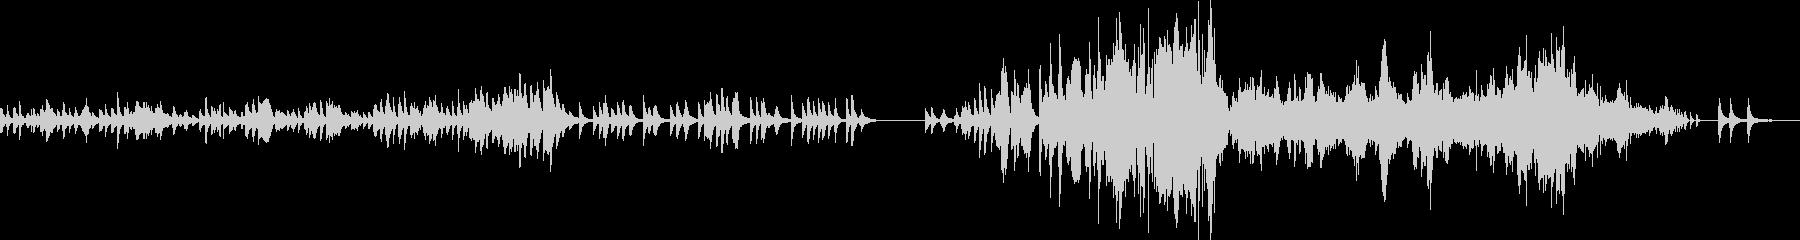 ショパン ノクターン Op48-No1の未再生の波形